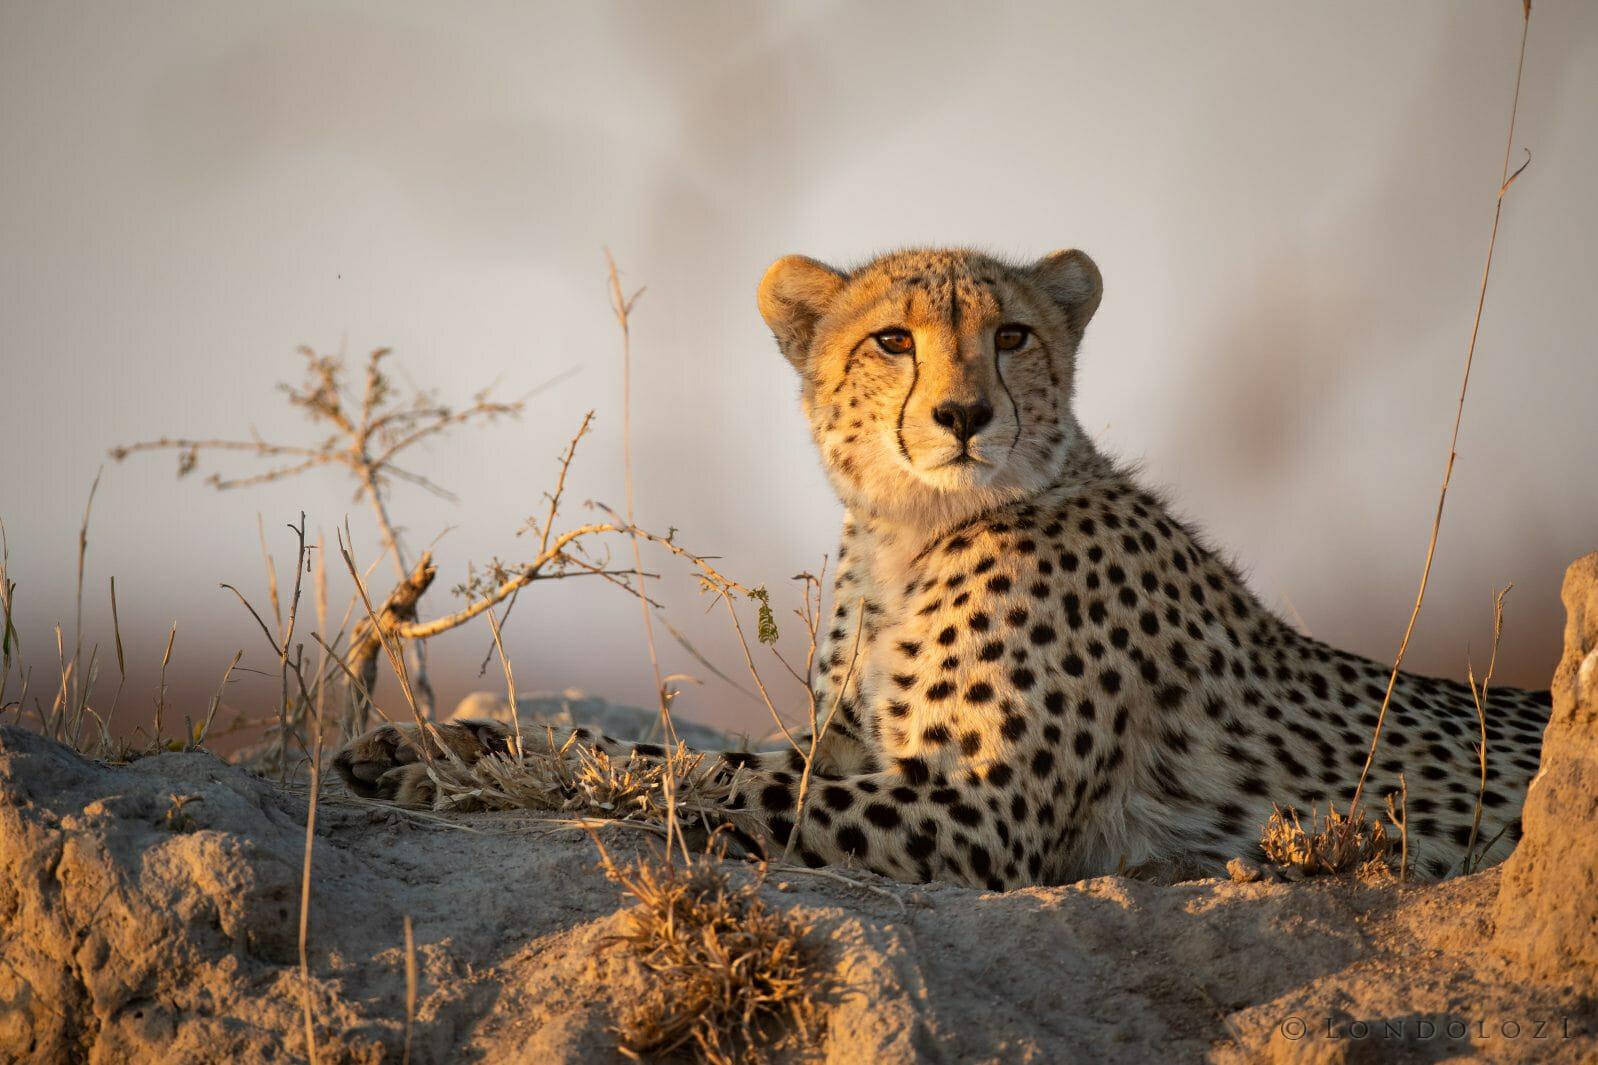 Cheetah Termite Mound